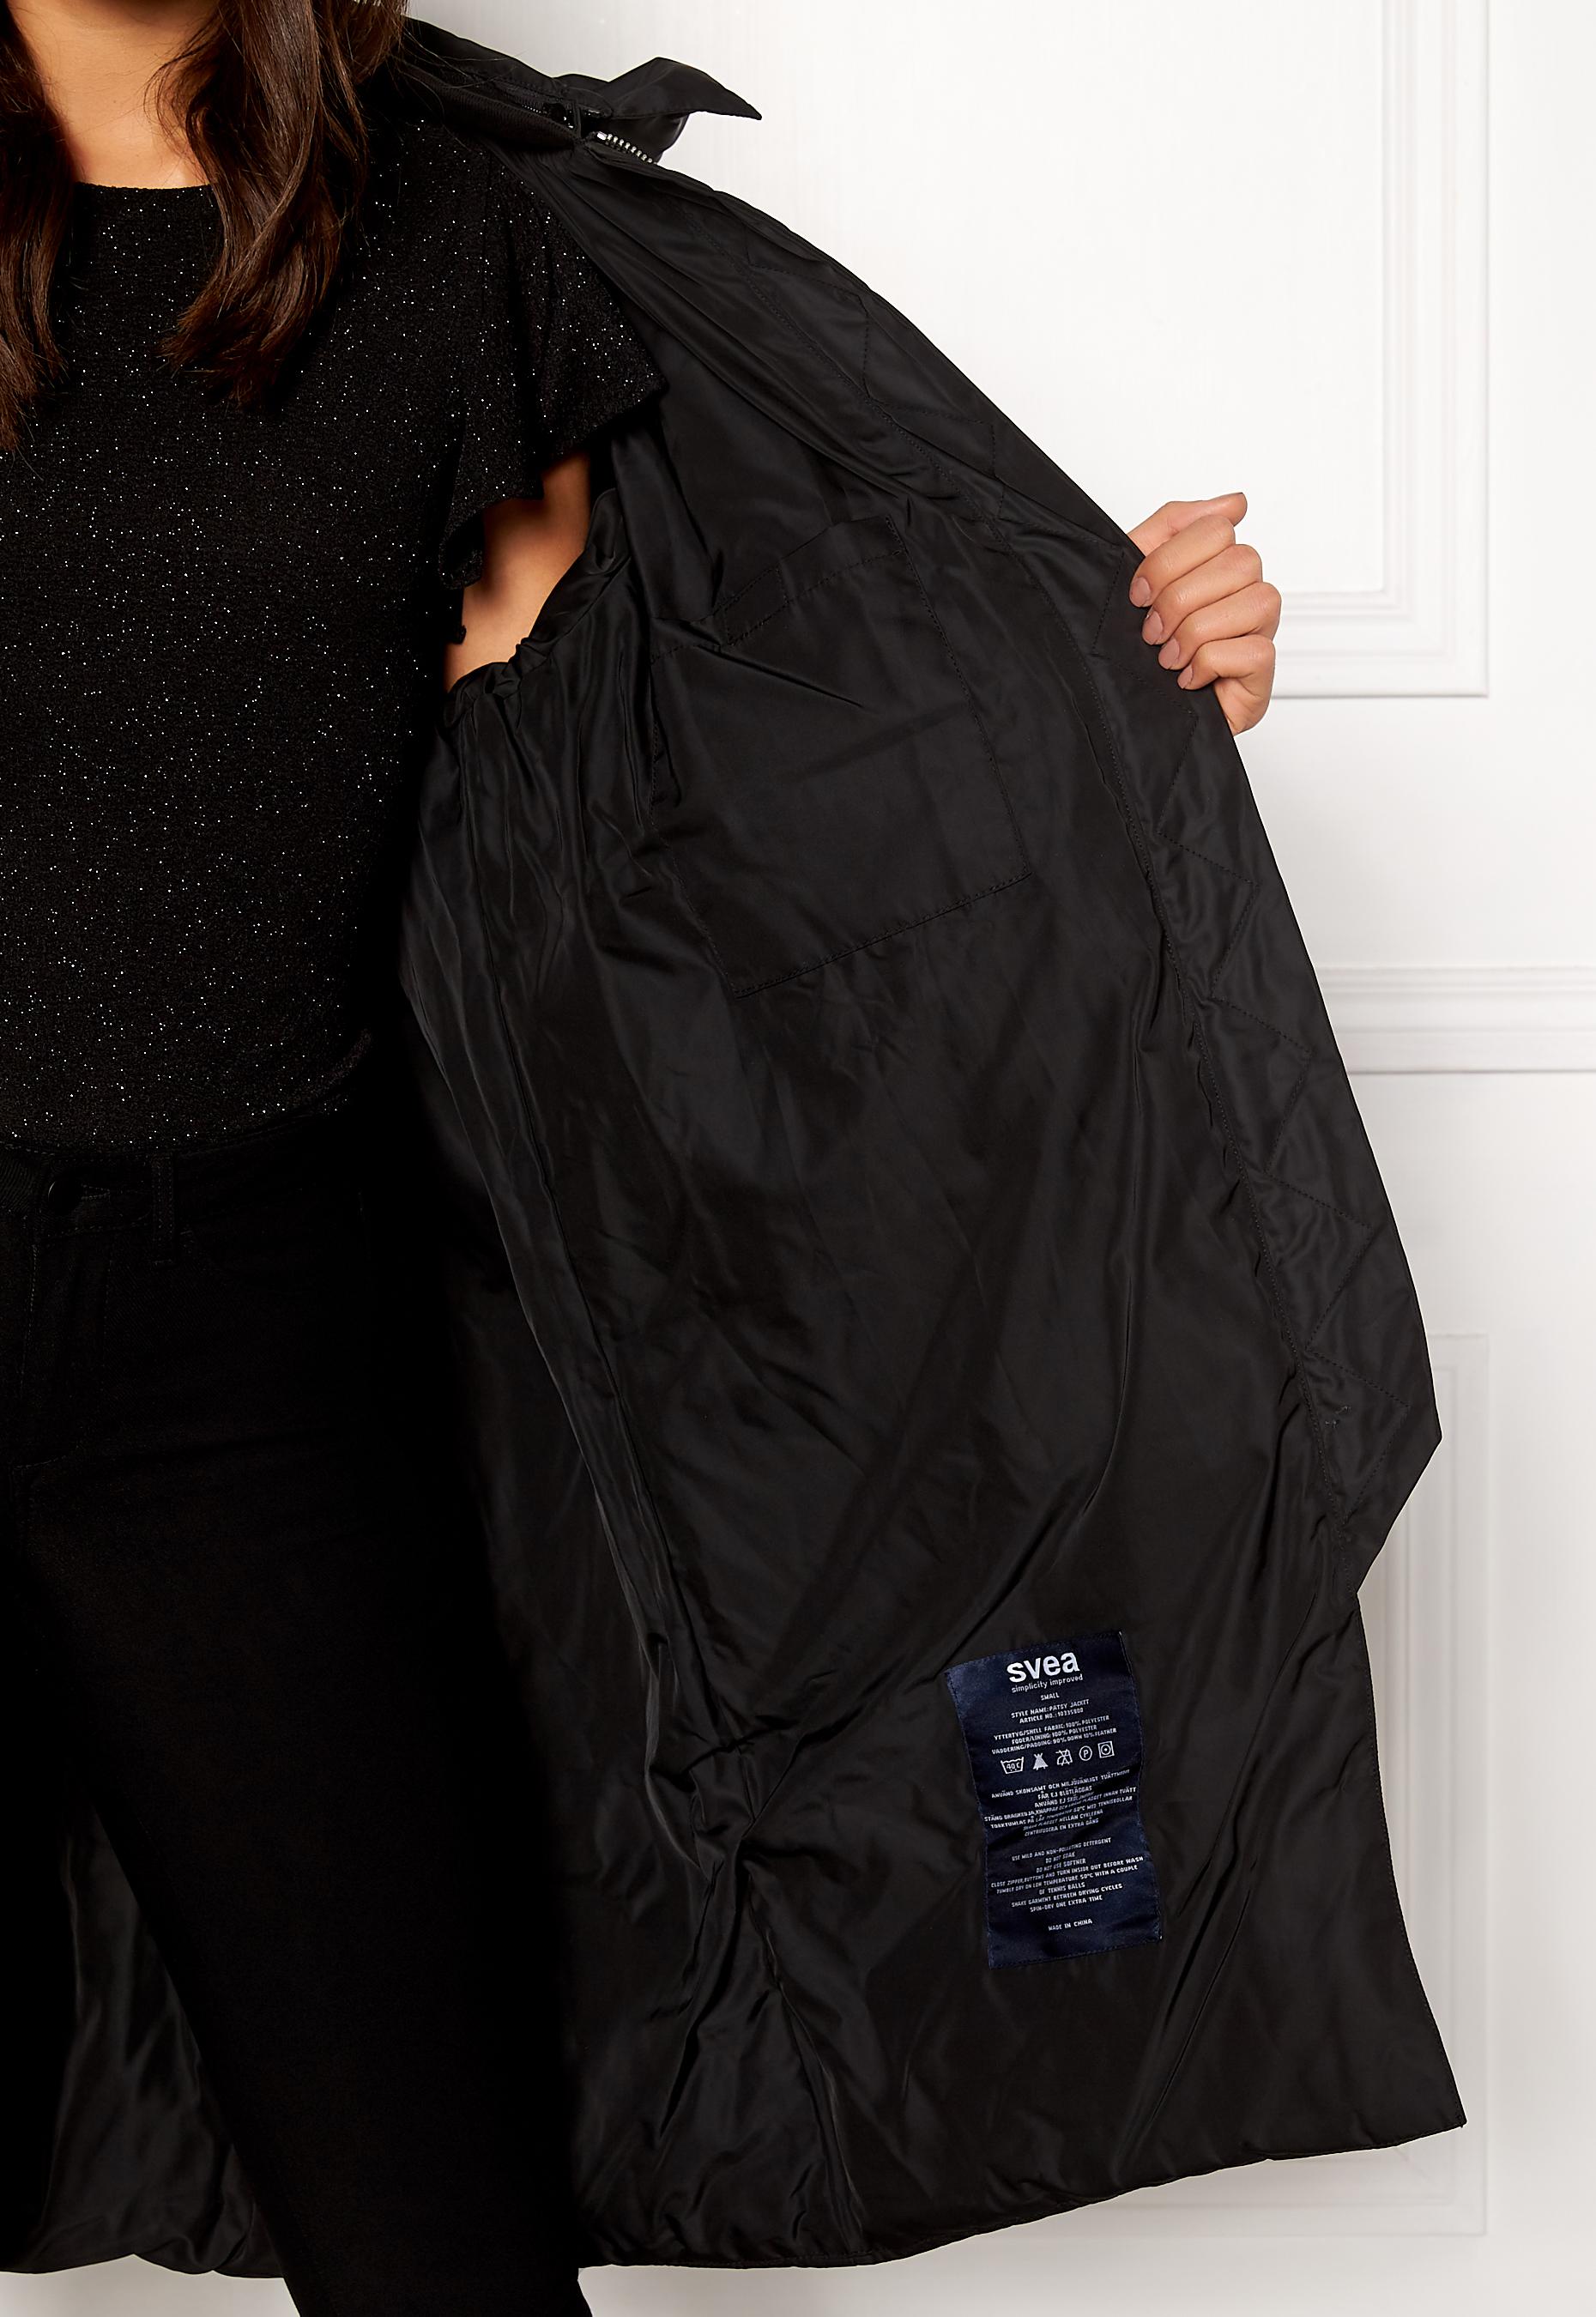 736ea9f9 Svea Patsy Jacket 900 Black - Bubbleroom